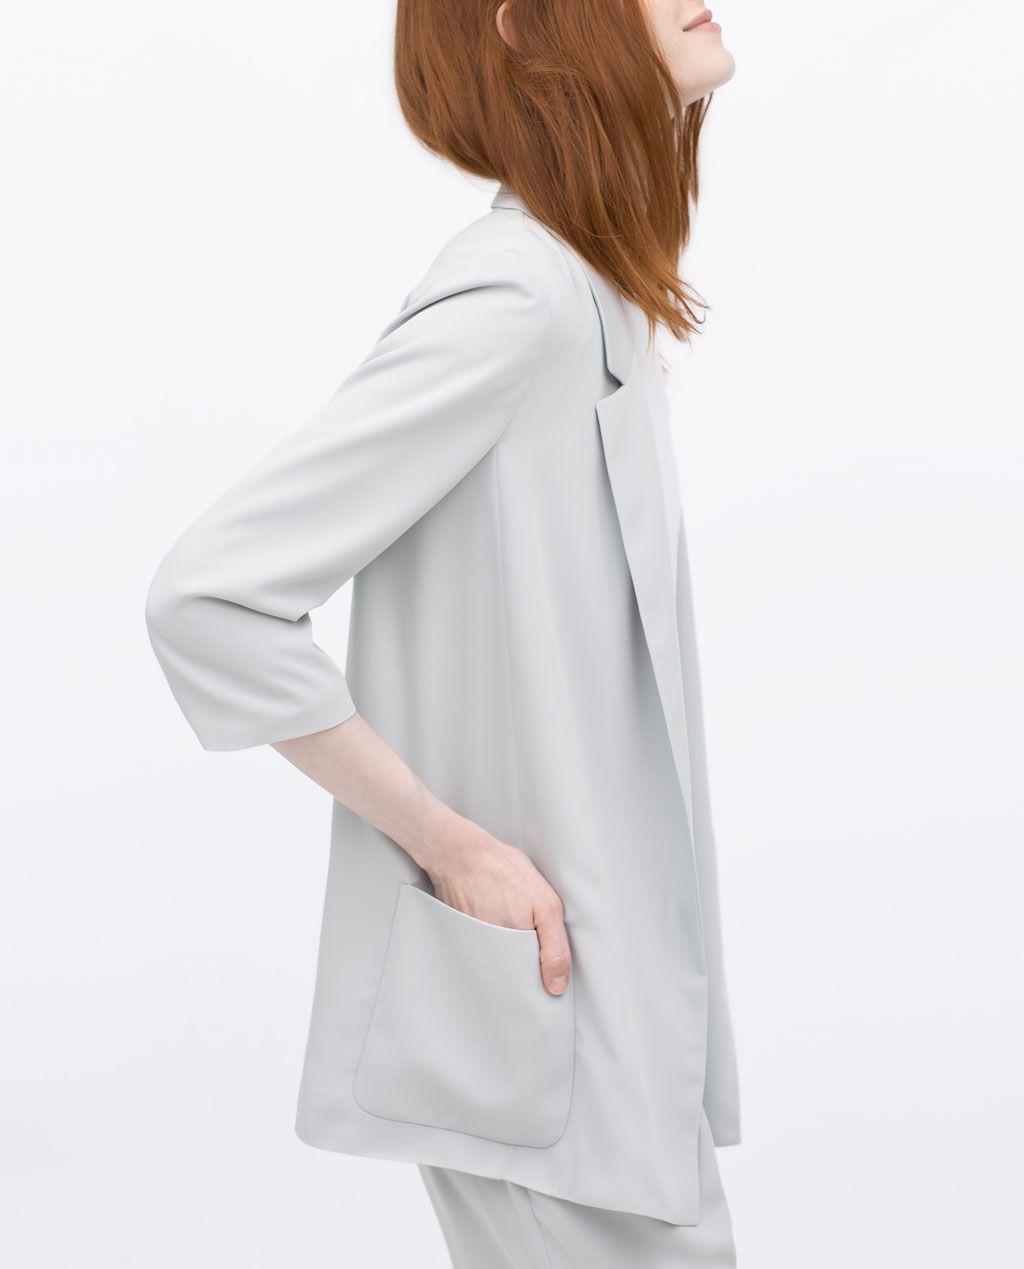 롱 크레이프 블레이저-Woman-이번 주 신상품   ZARA 대한민국